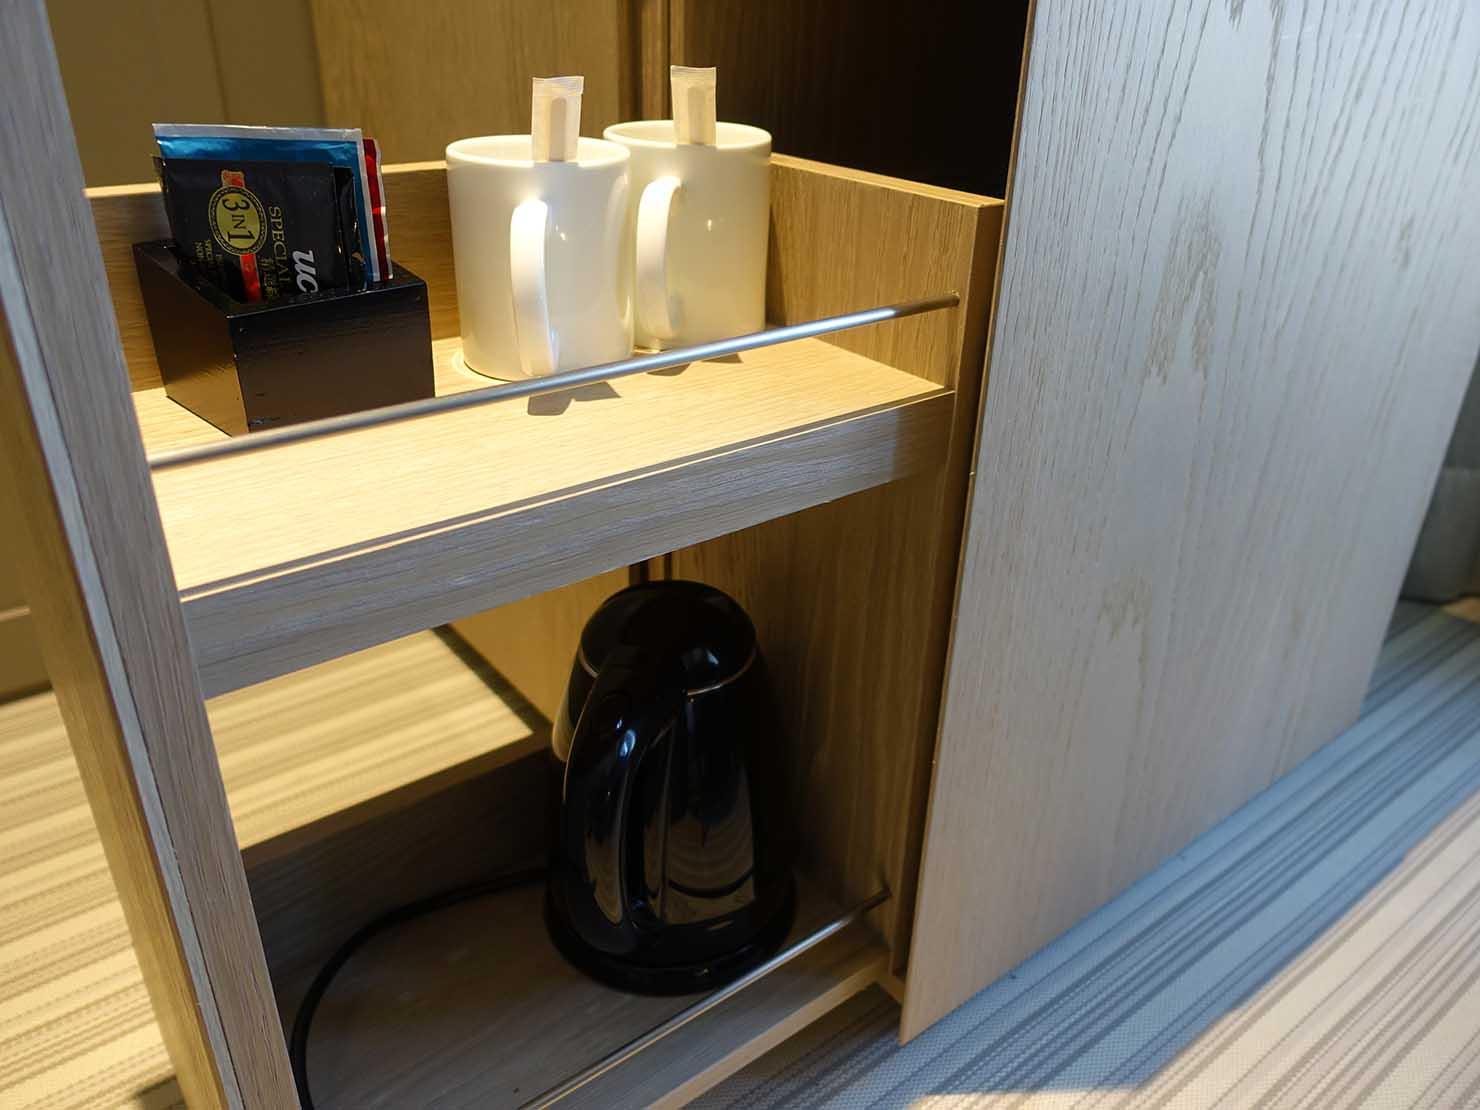 高雄市内観光におすすめのホテル「GREET INN 喜迎旅店」の豪華雙人房(デラックスダブル)の食器棚